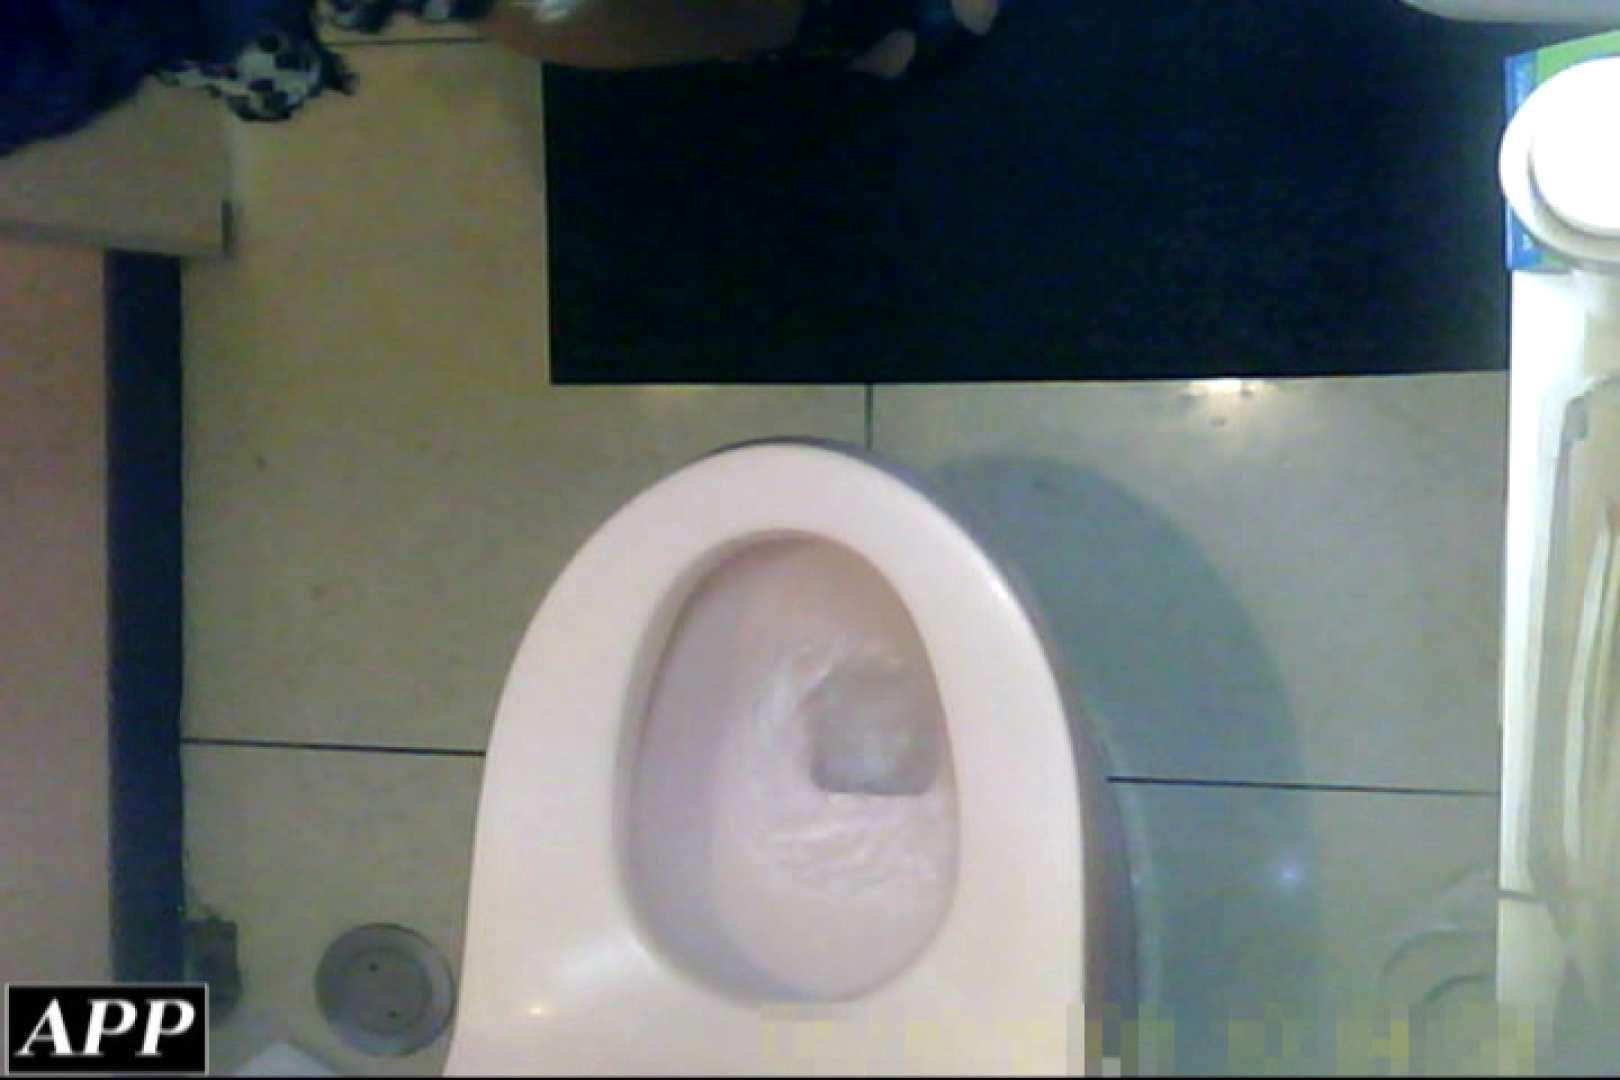 3視点洗面所 vol.26 オマンコ大好き オメコ動画キャプチャ 50画像 39